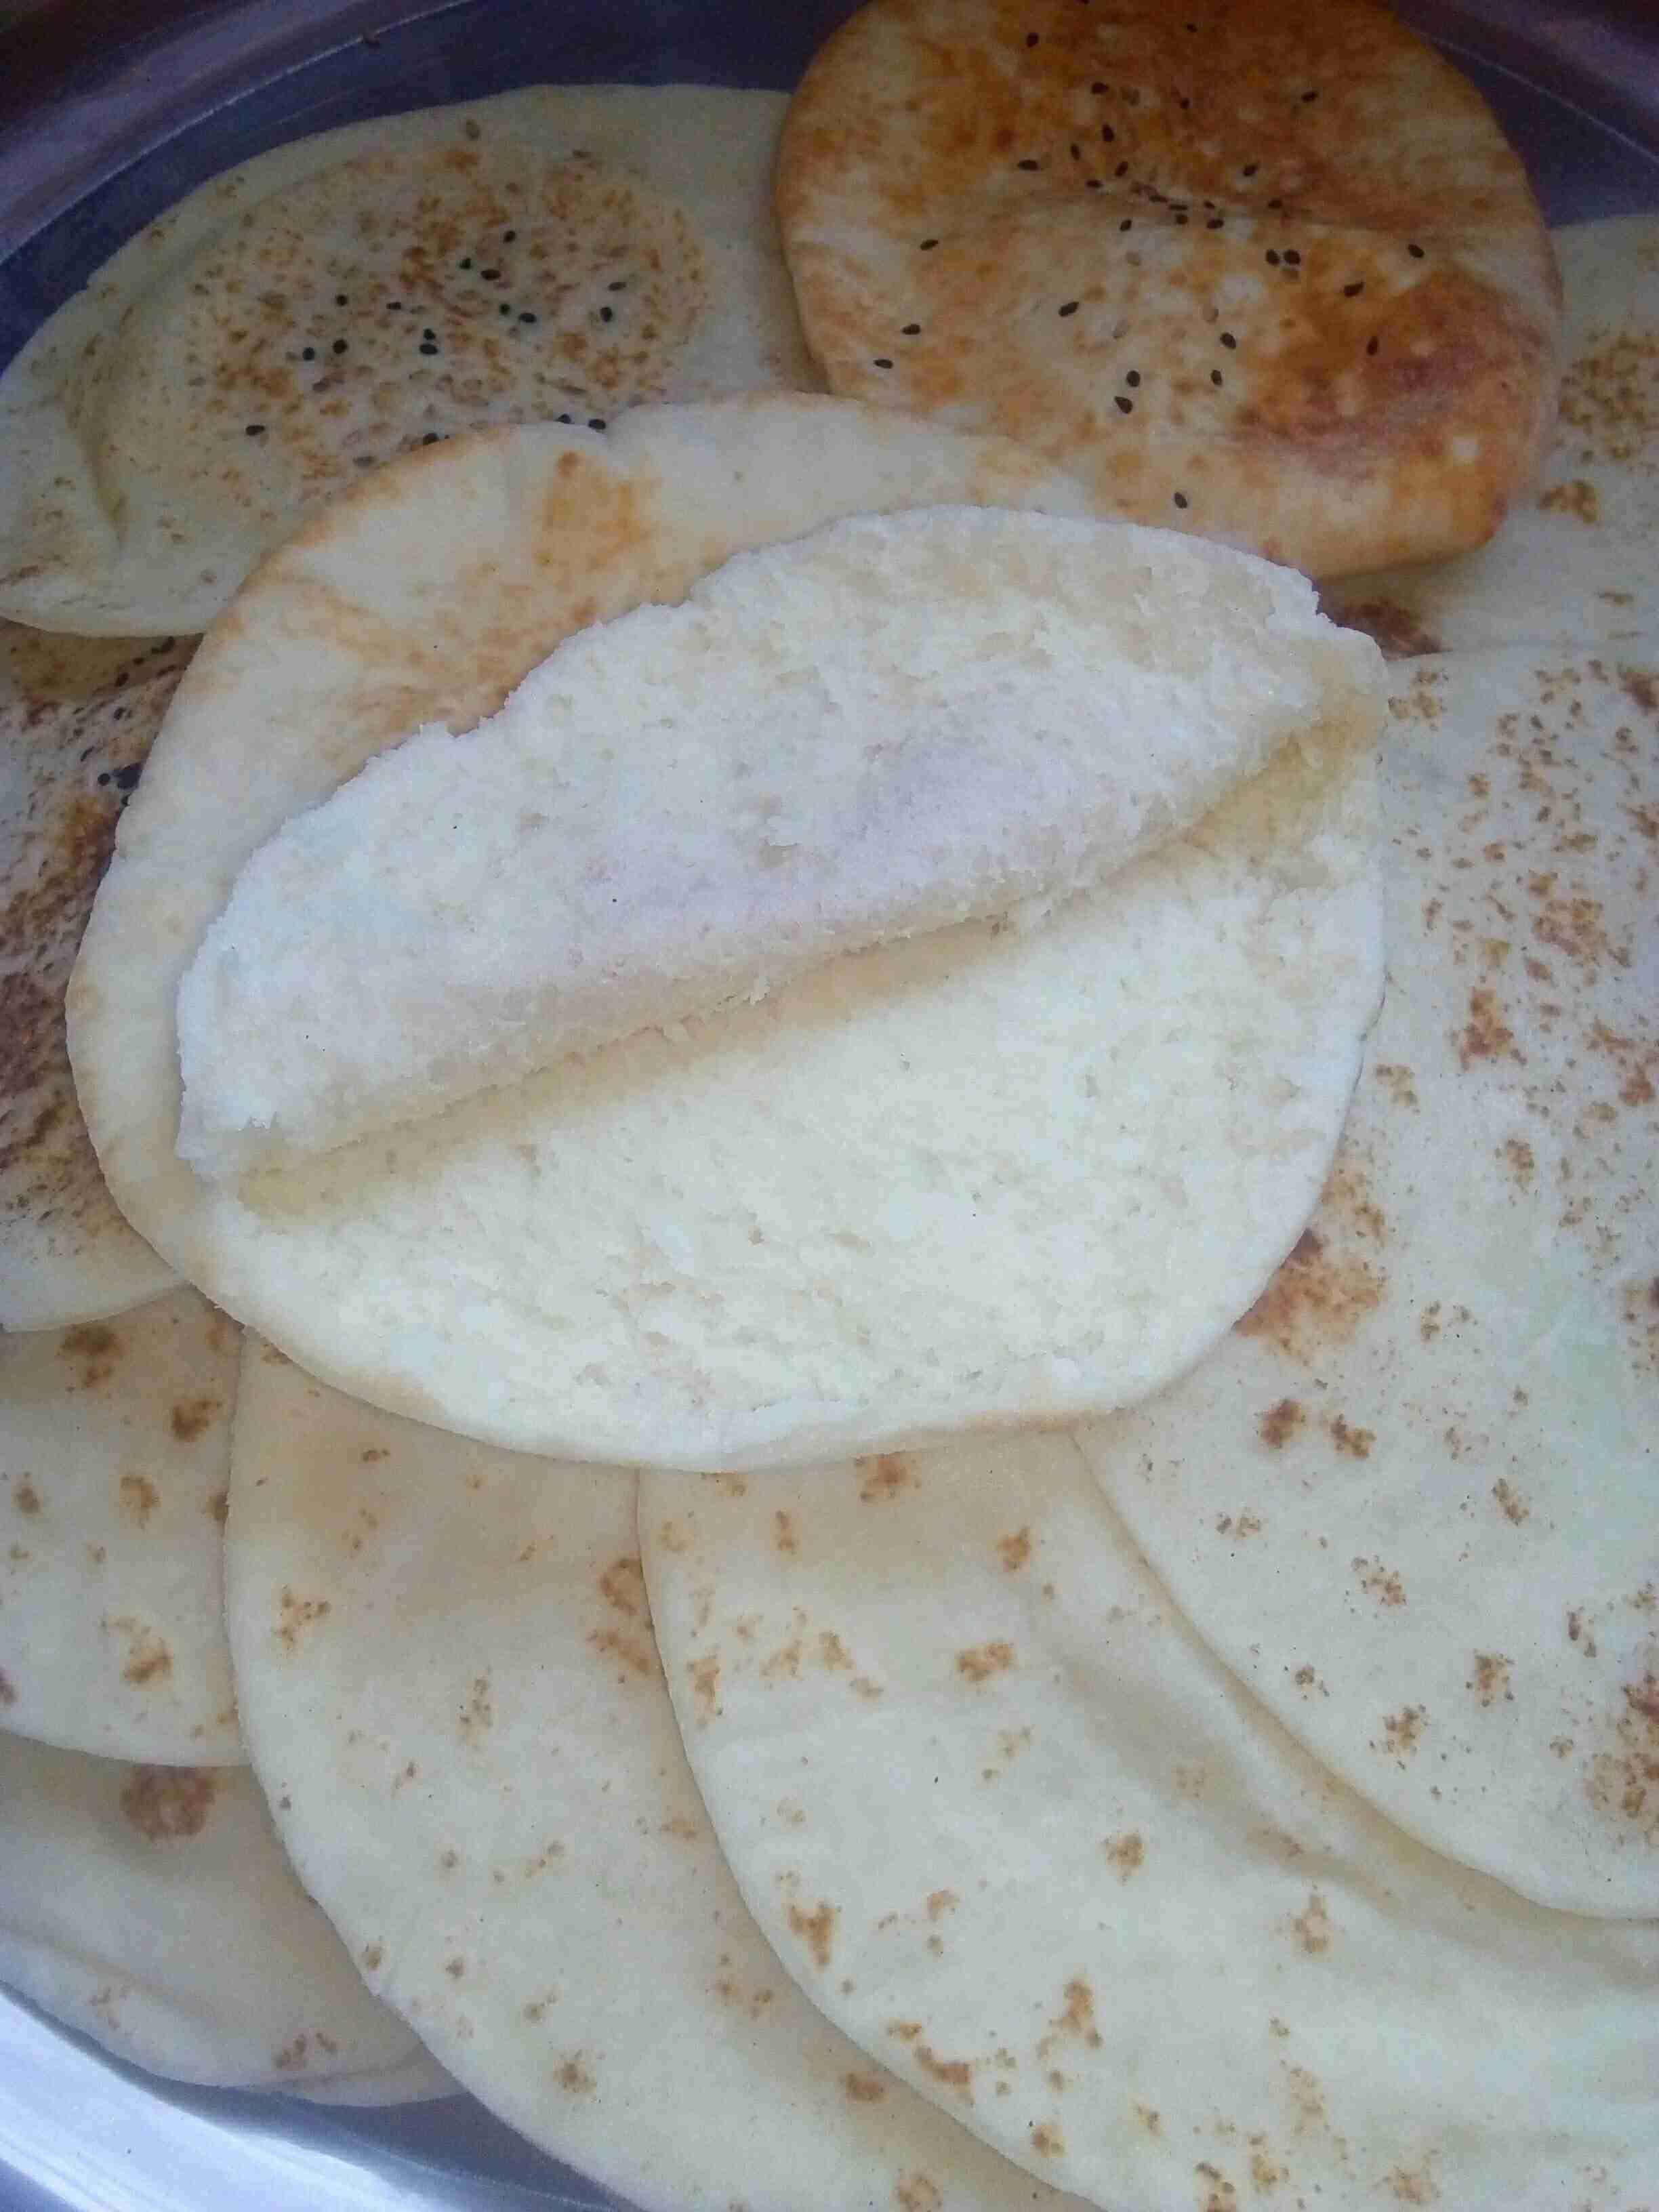 خبز عربي خالي من الجلوتين سلسلة صحتي في غذائي زاكي Recipe Food Recipes Cooking